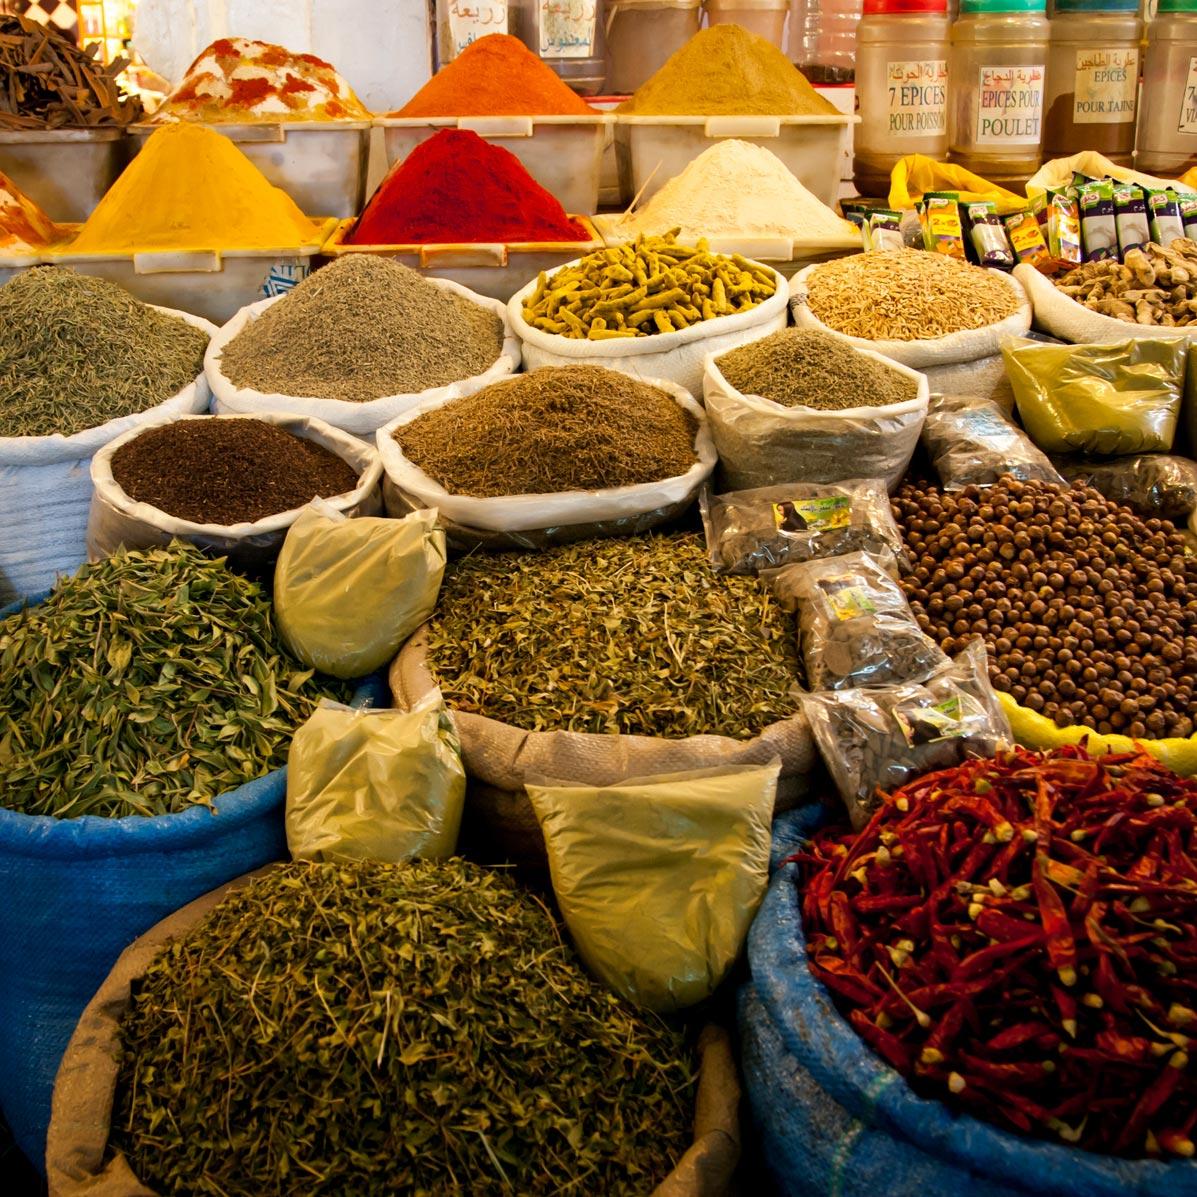 Opulente Gewürzkulisse: ob Zimtrinde, Lorbeerblatt, Gelbwurz oder Chilischote, auf marokkanischen Gewürzmärkten türmen sich die Wohlgerüche / © FrontRowSociety.net, Foto Georg Berg